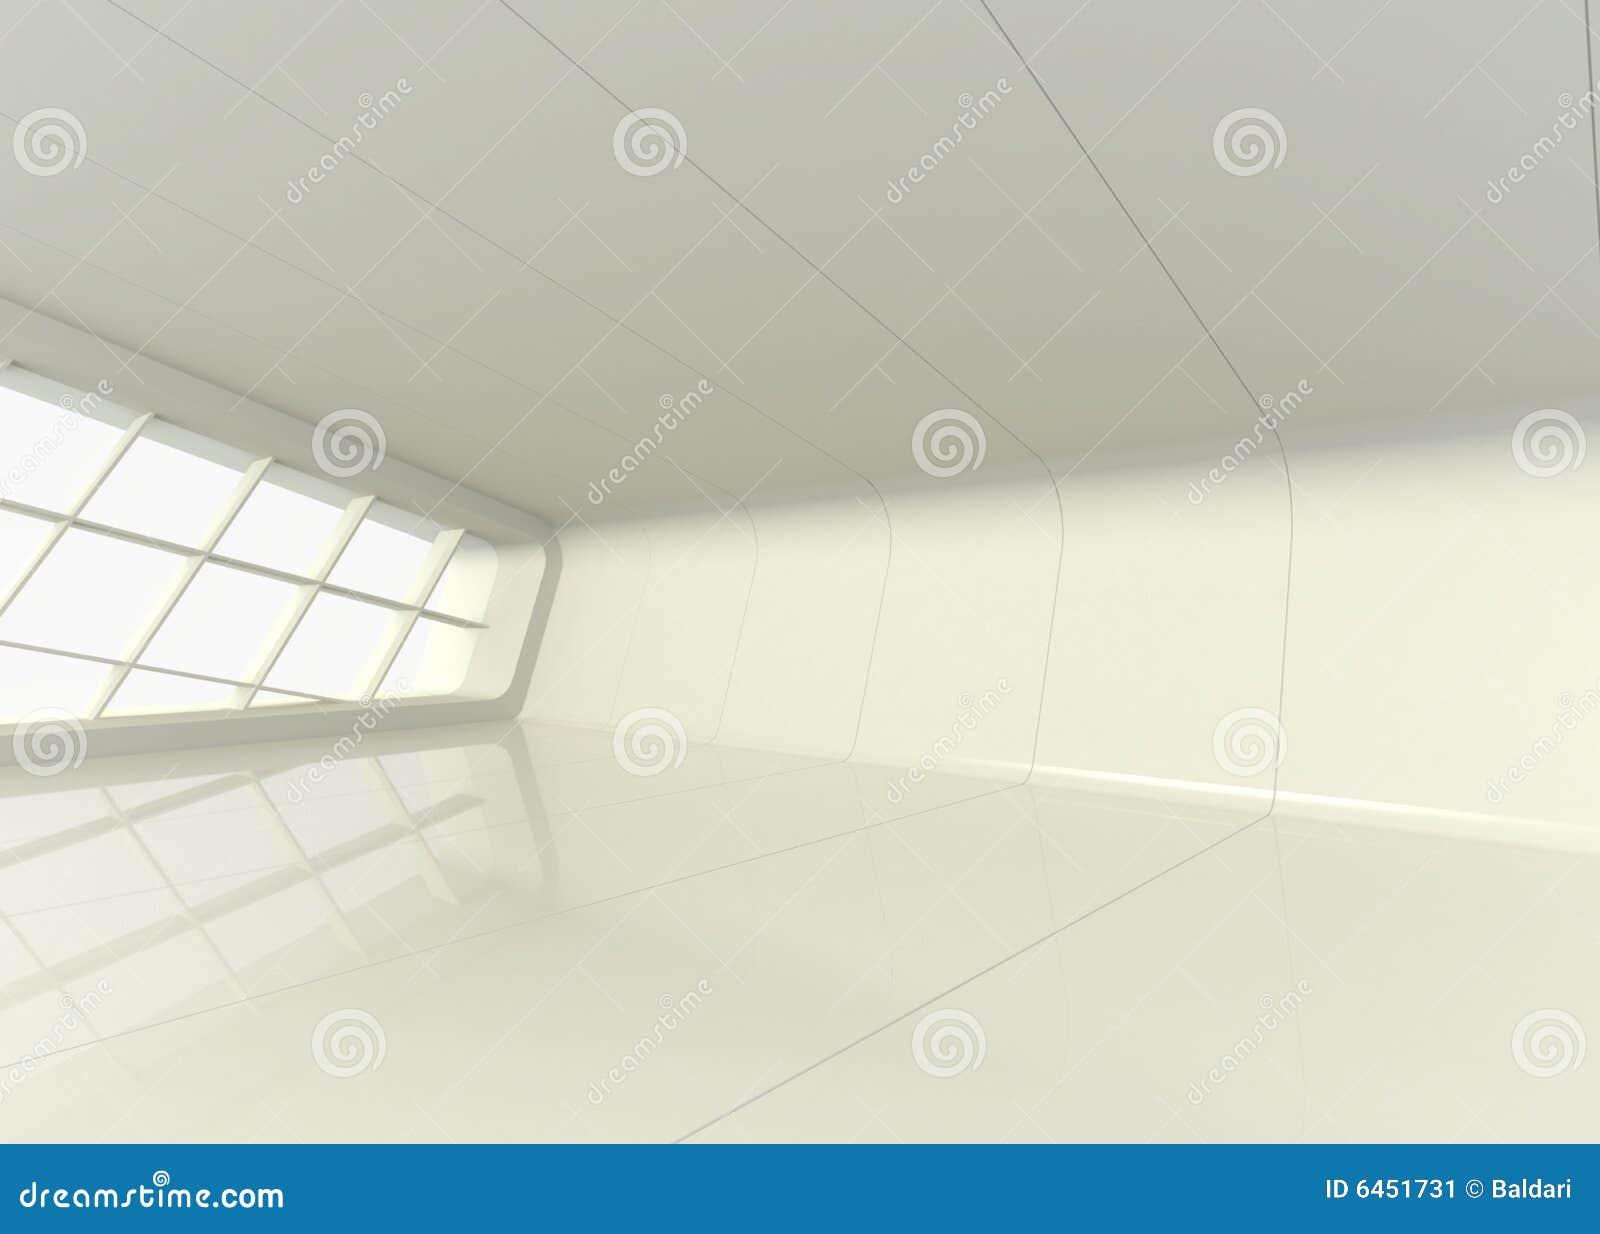 Ustalenie architektury